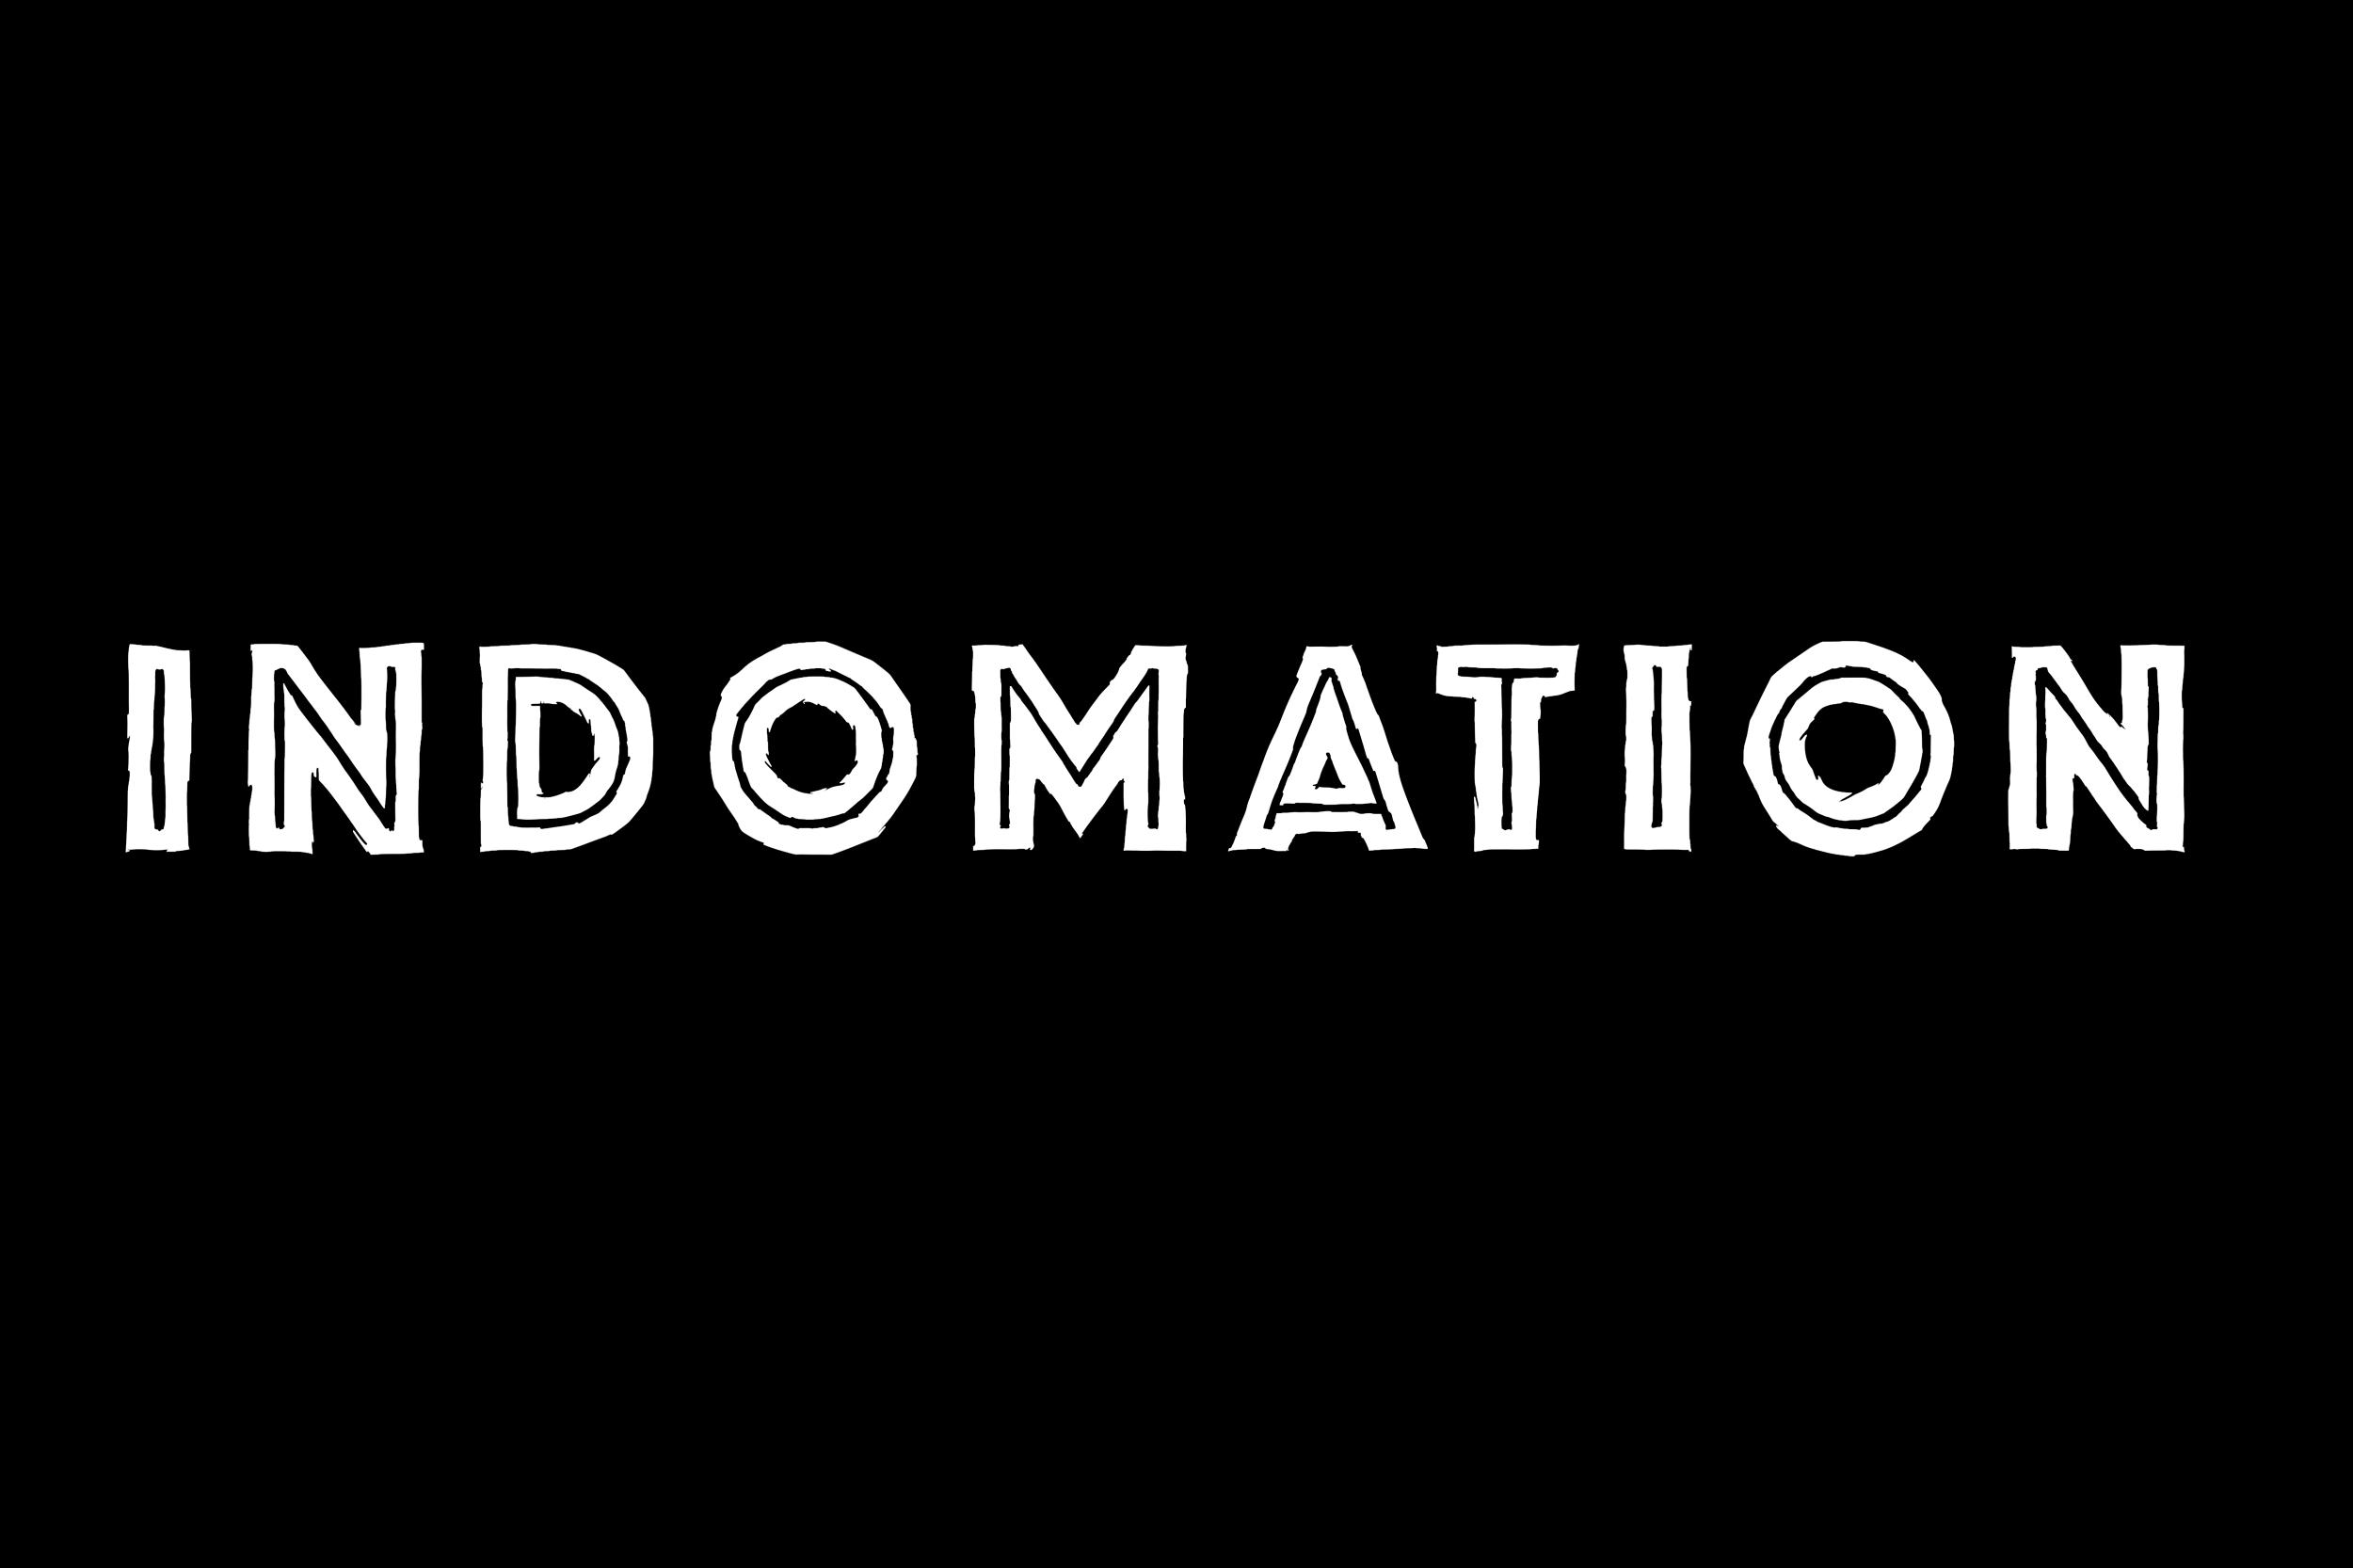 INDOMATION logo.png